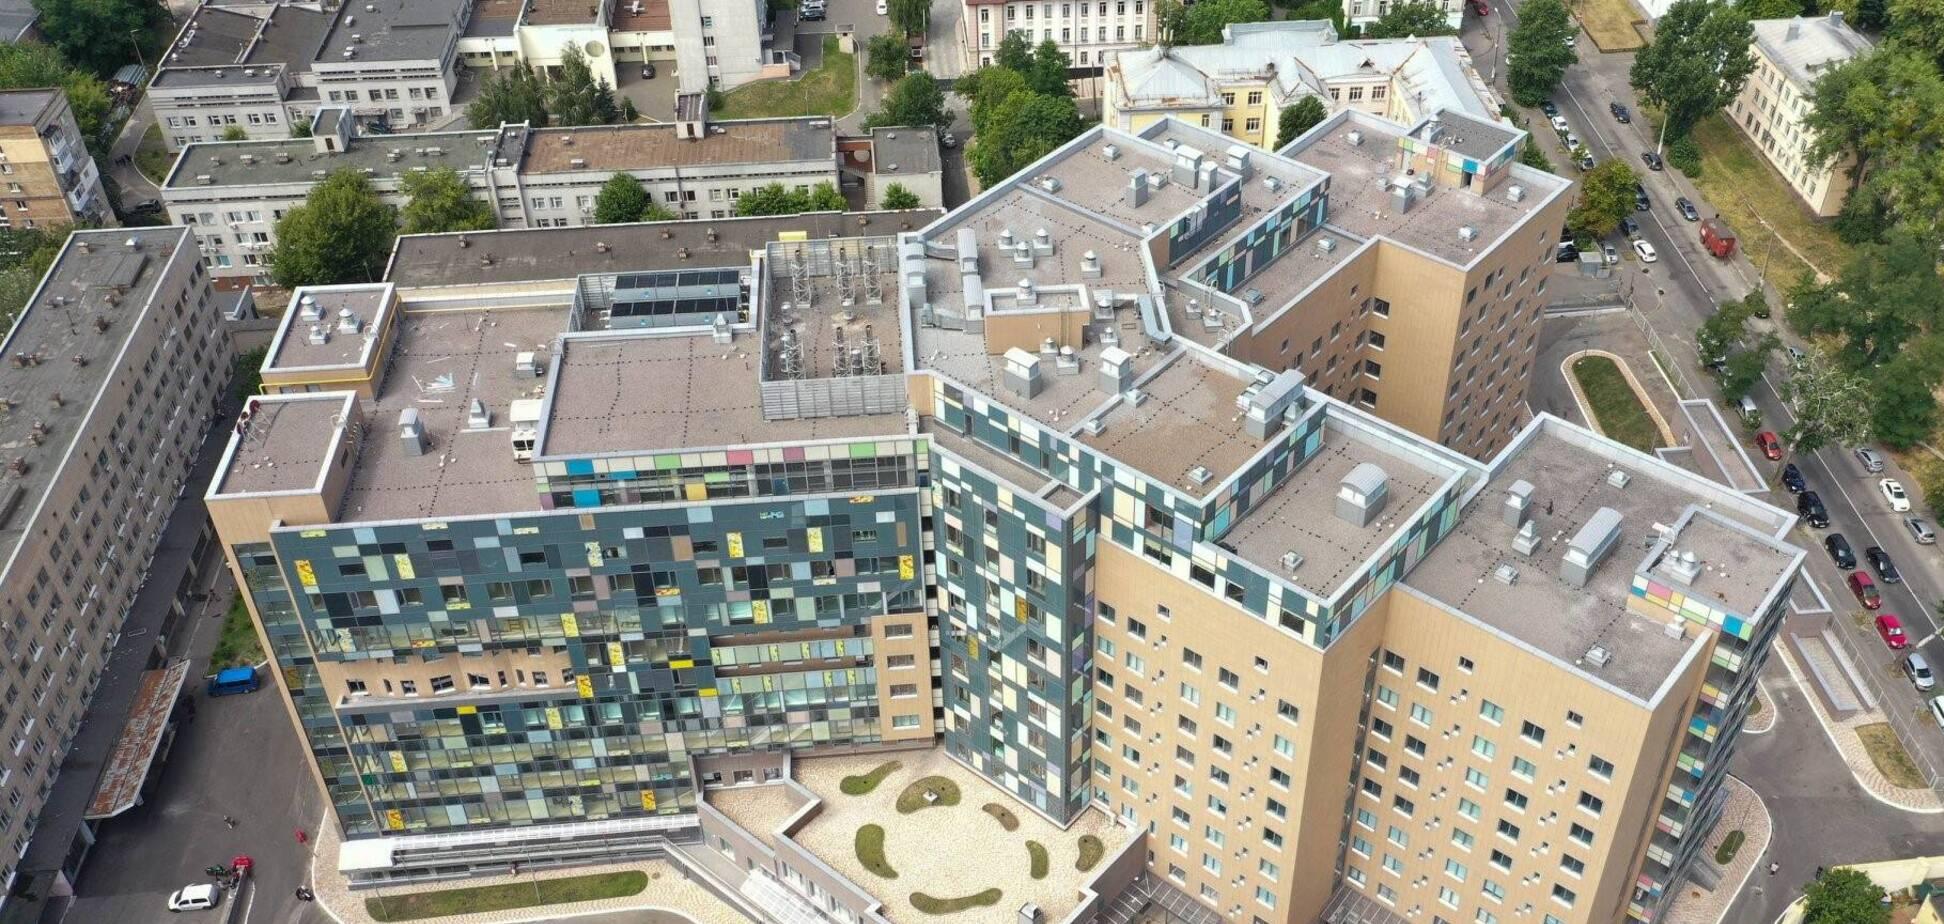 Новый комплекс ''Охматдета'' готов к открытию: опубликованы яркие фото